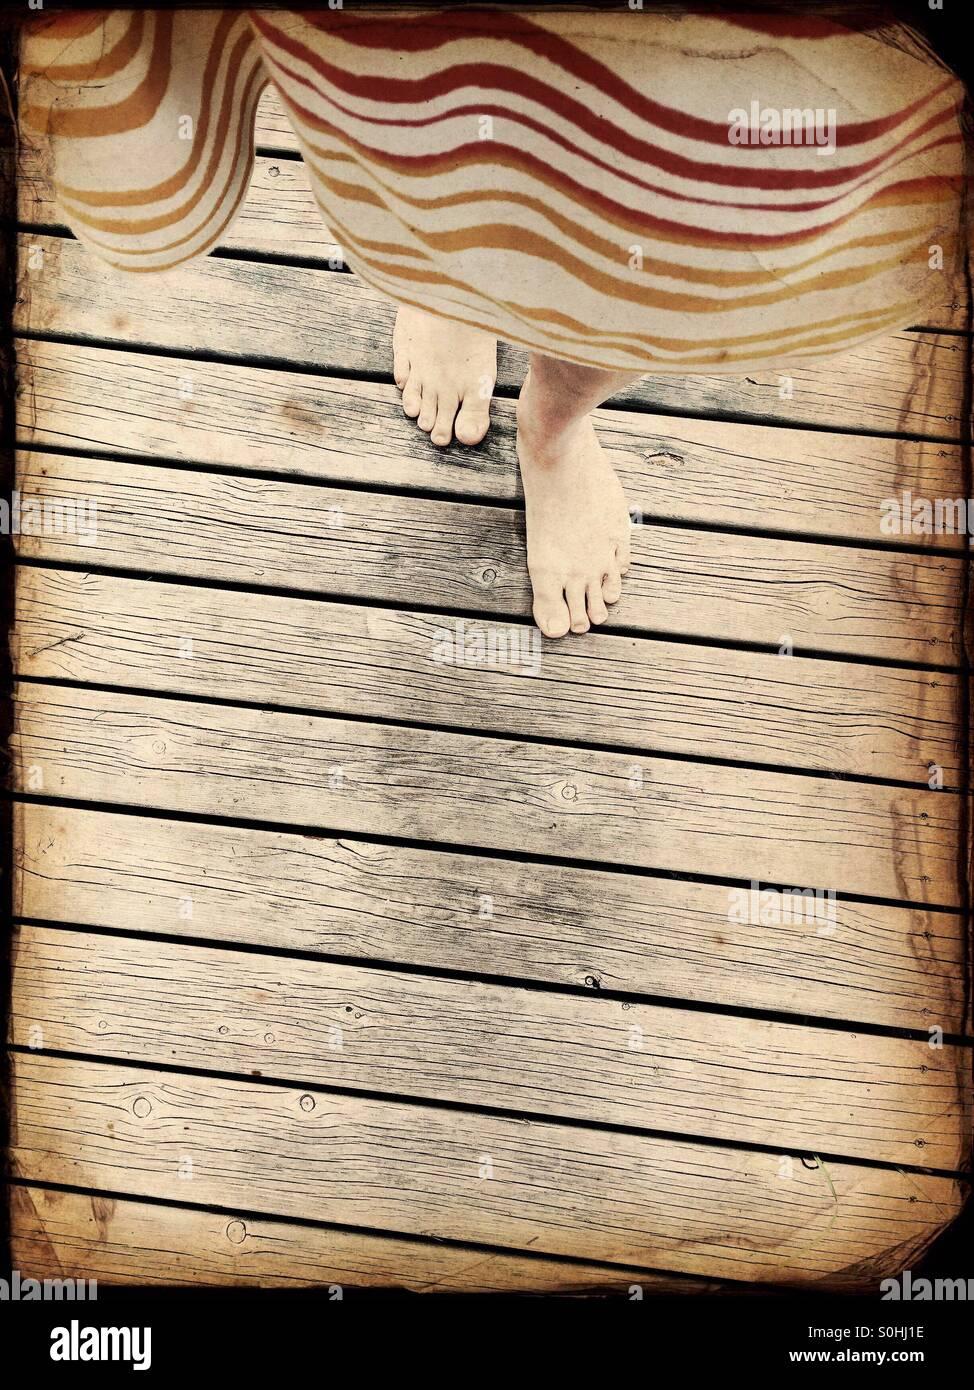 Una mujer paseando un muelle de madera Imagen De Stock